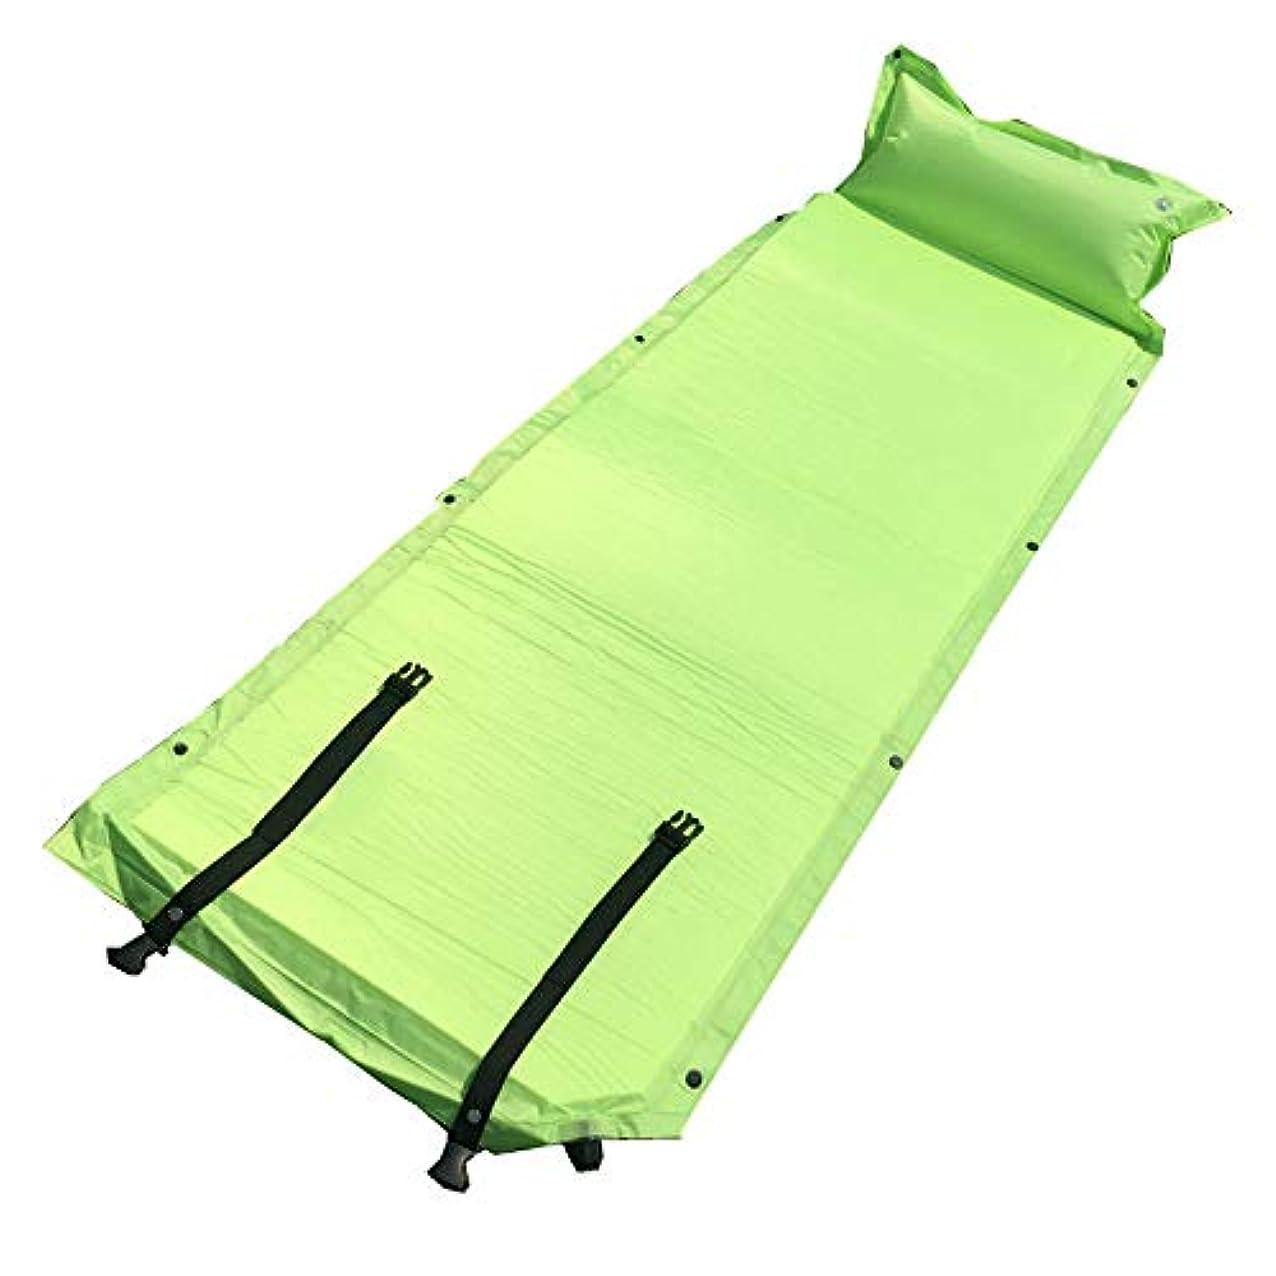 理容師柔らかいケニア屋外の睡眠パッドの自動膨脹可能なクッションの携帯用スポーツ用品の山のキャンプ用品の湿気パッド